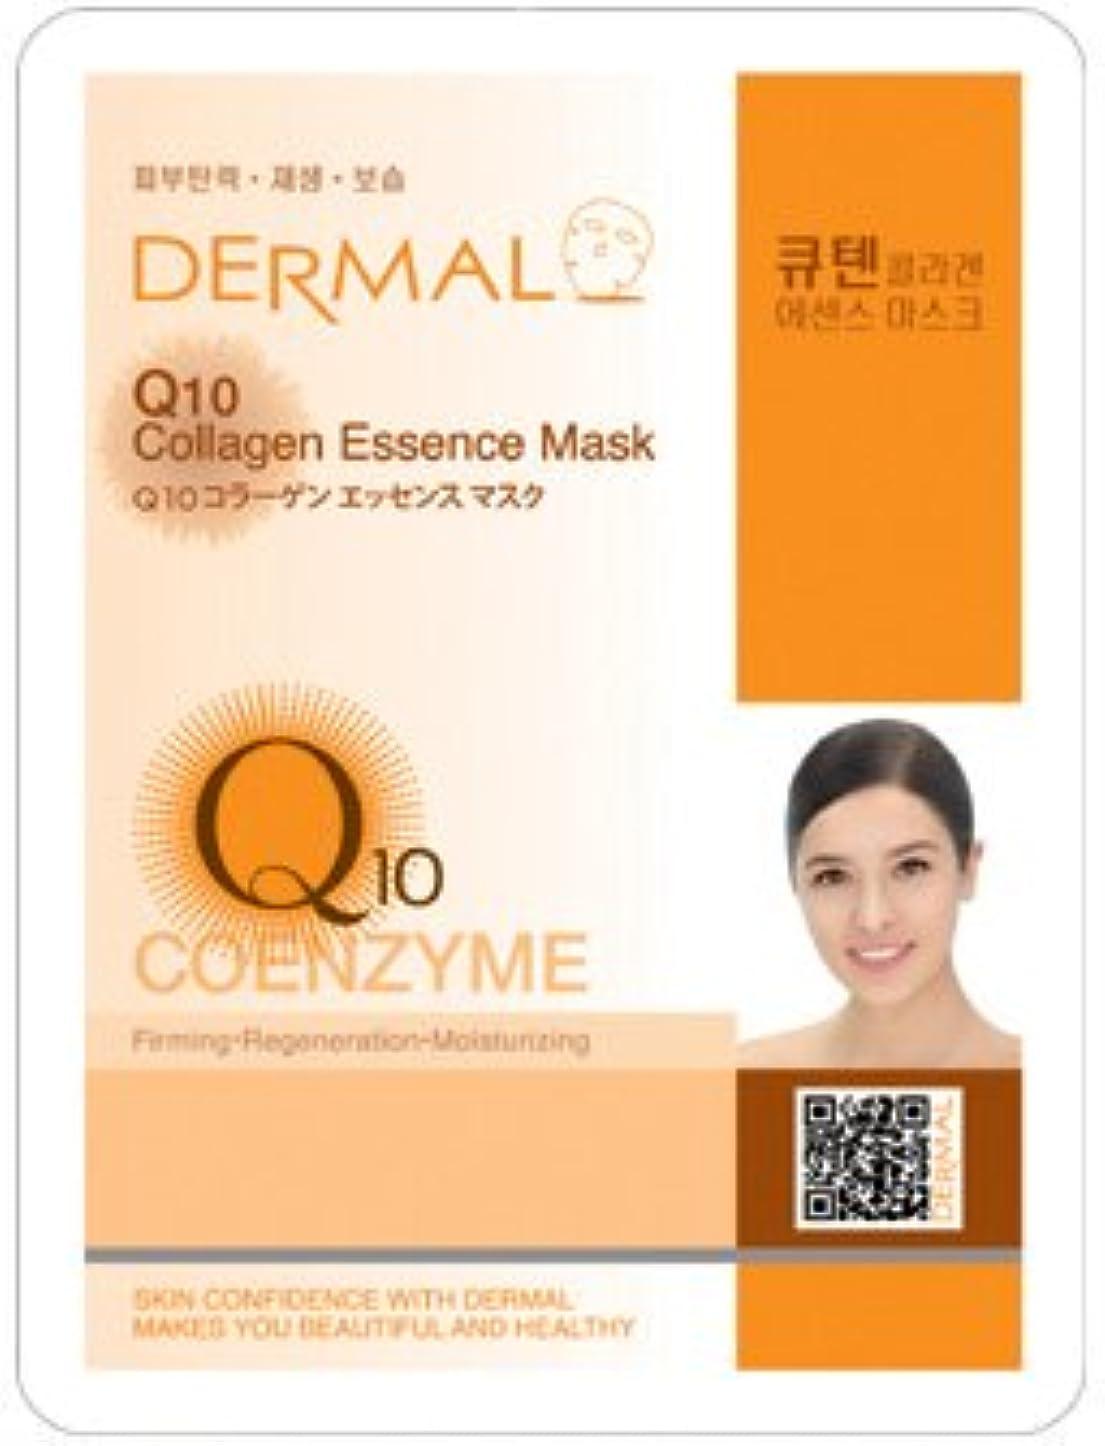 ヶ月目超高層ビル傾いたシートマスク Q10 コエンザイム 100枚セット ダーマル(Dermal) フェイス パック